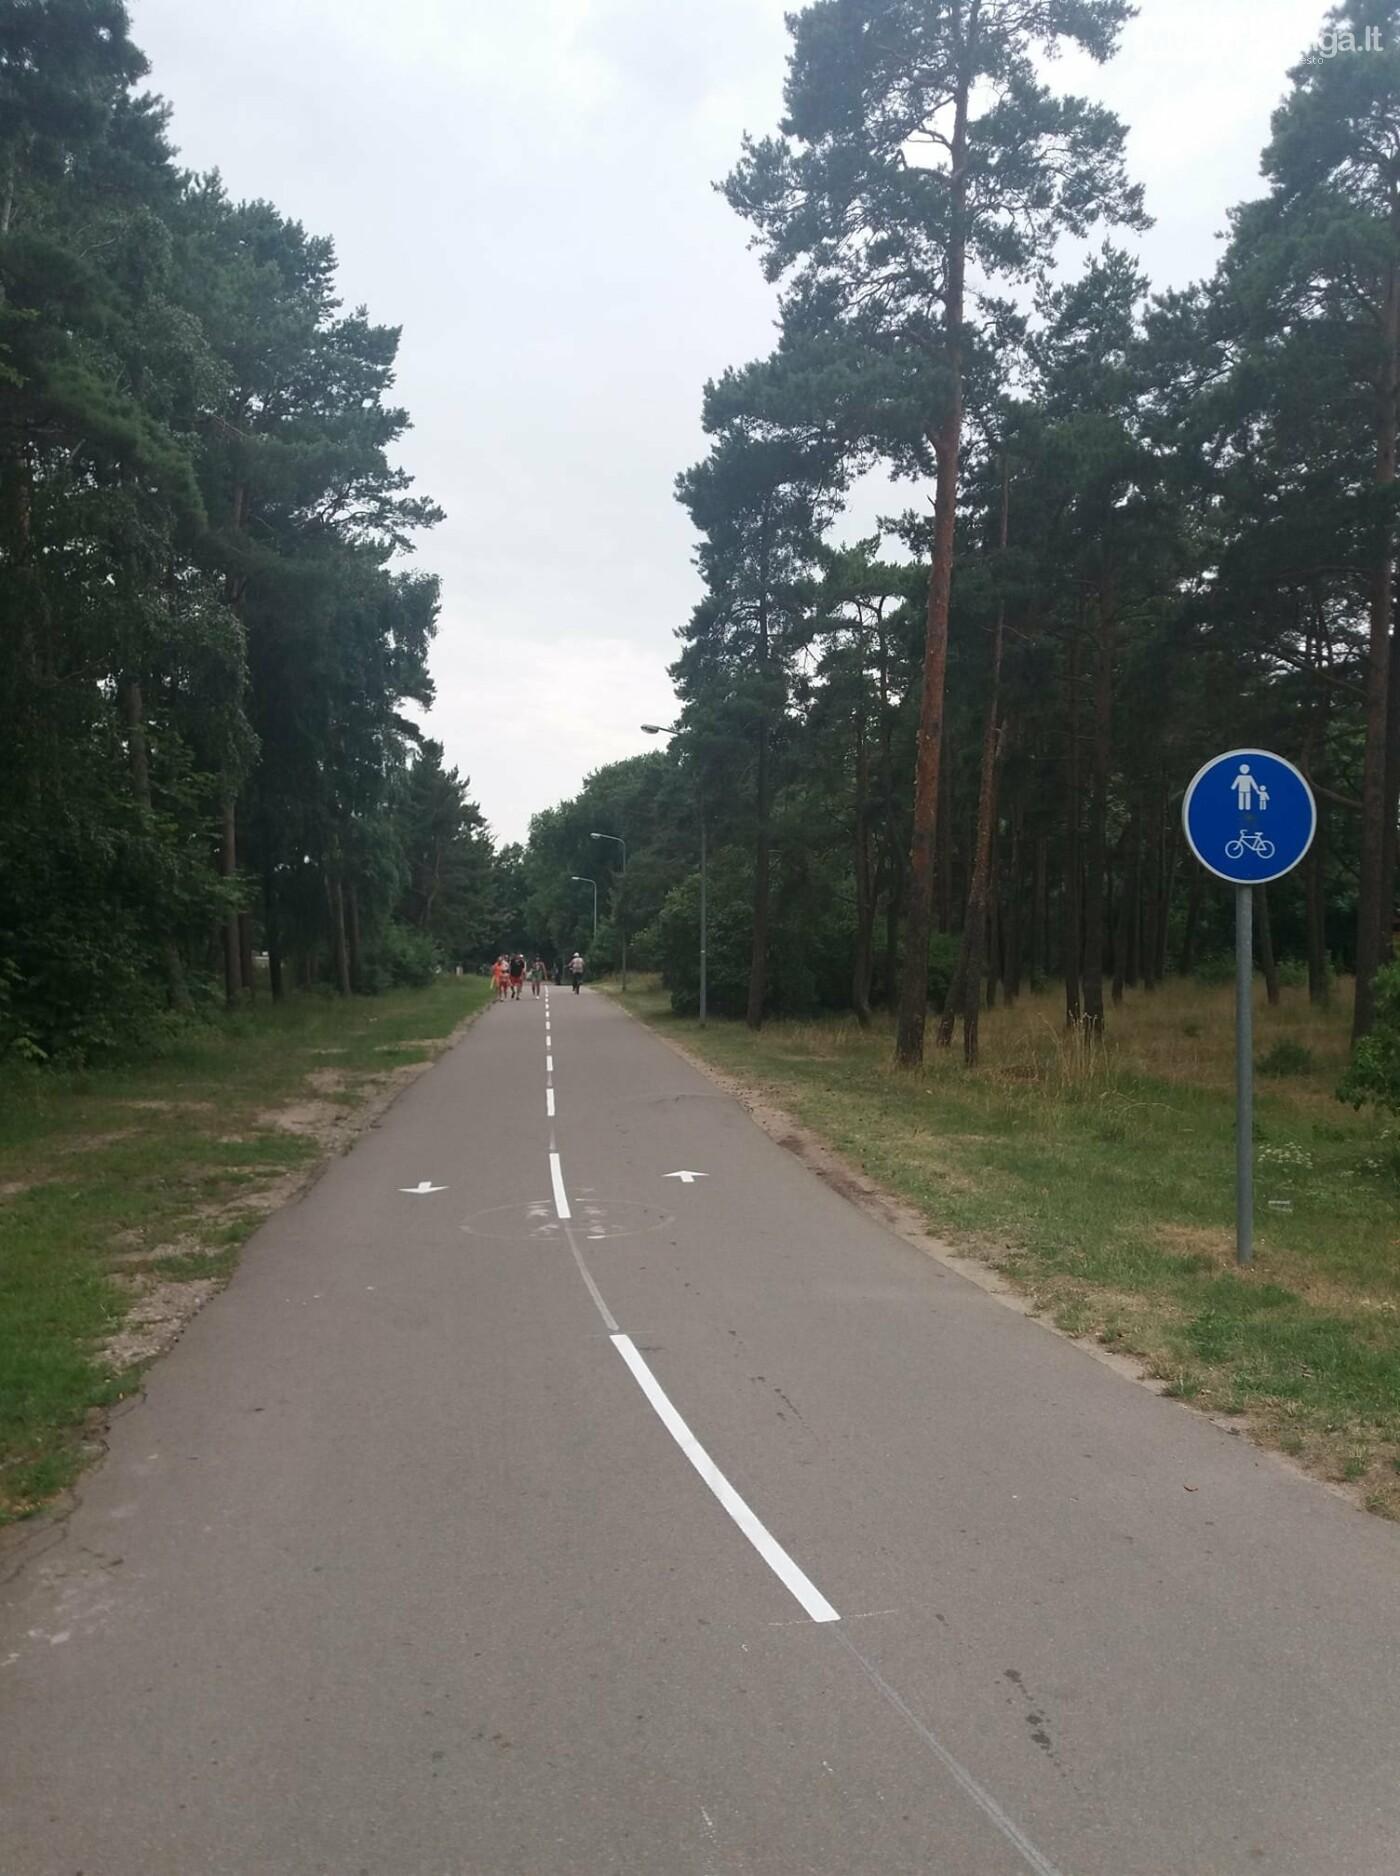 Stiprinant eismo saugumą, Naglio al., pėsčiųjų ir dviračių take vykdomas kelio ženklinimas, nuotrauka-1